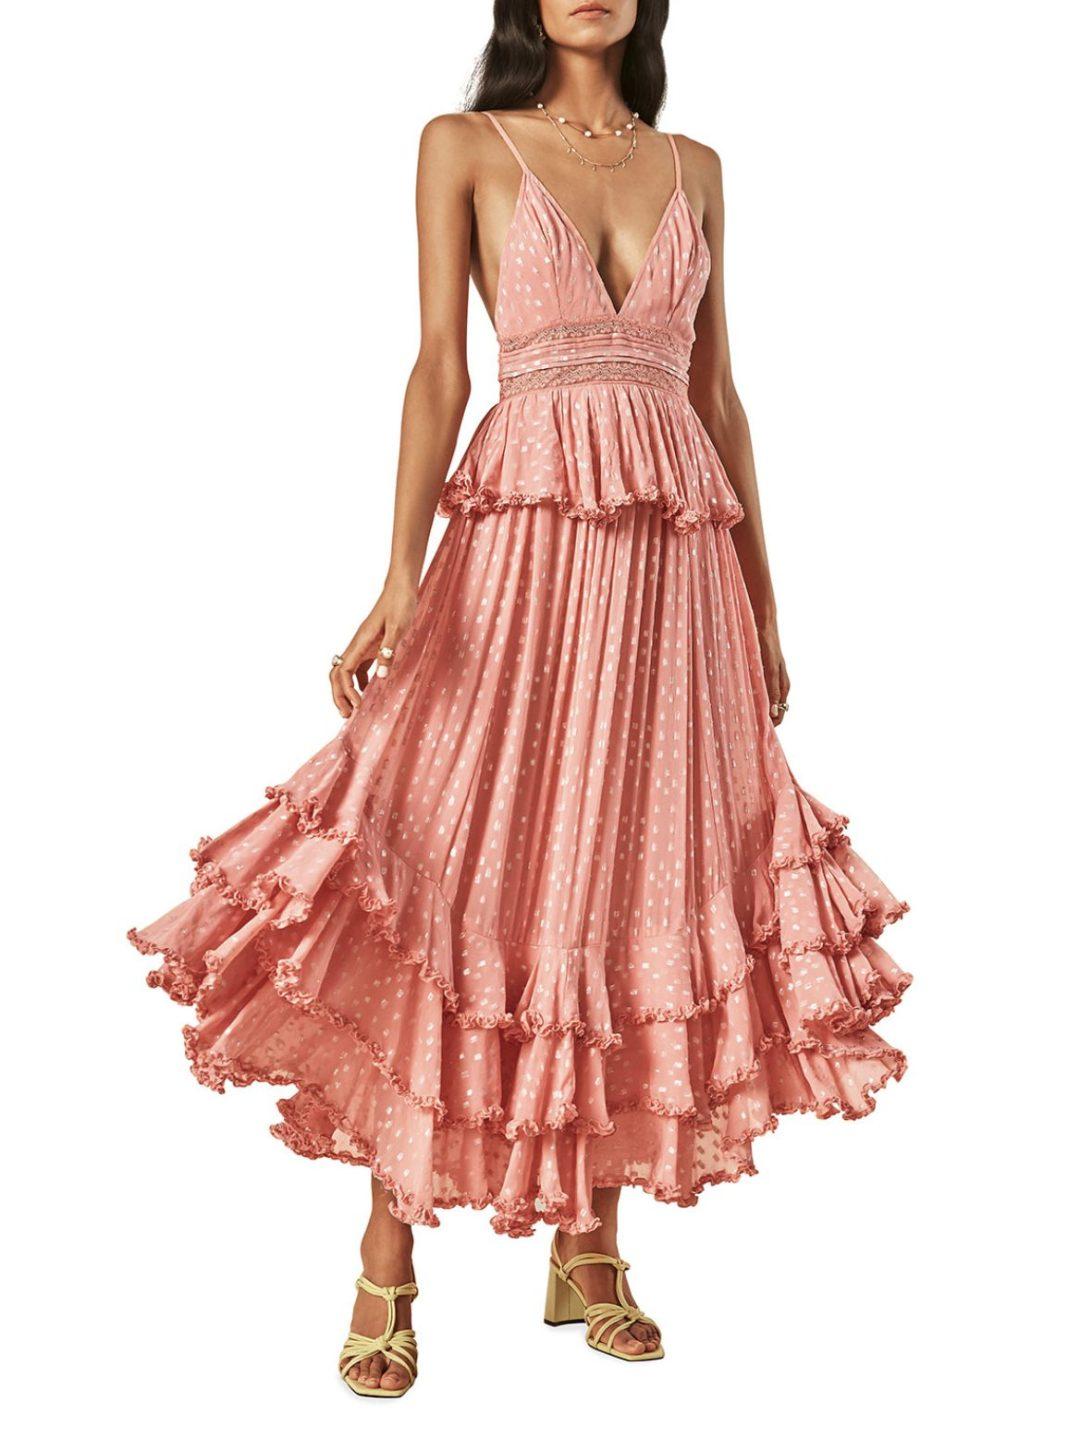 Long pink tiered ruffle dress